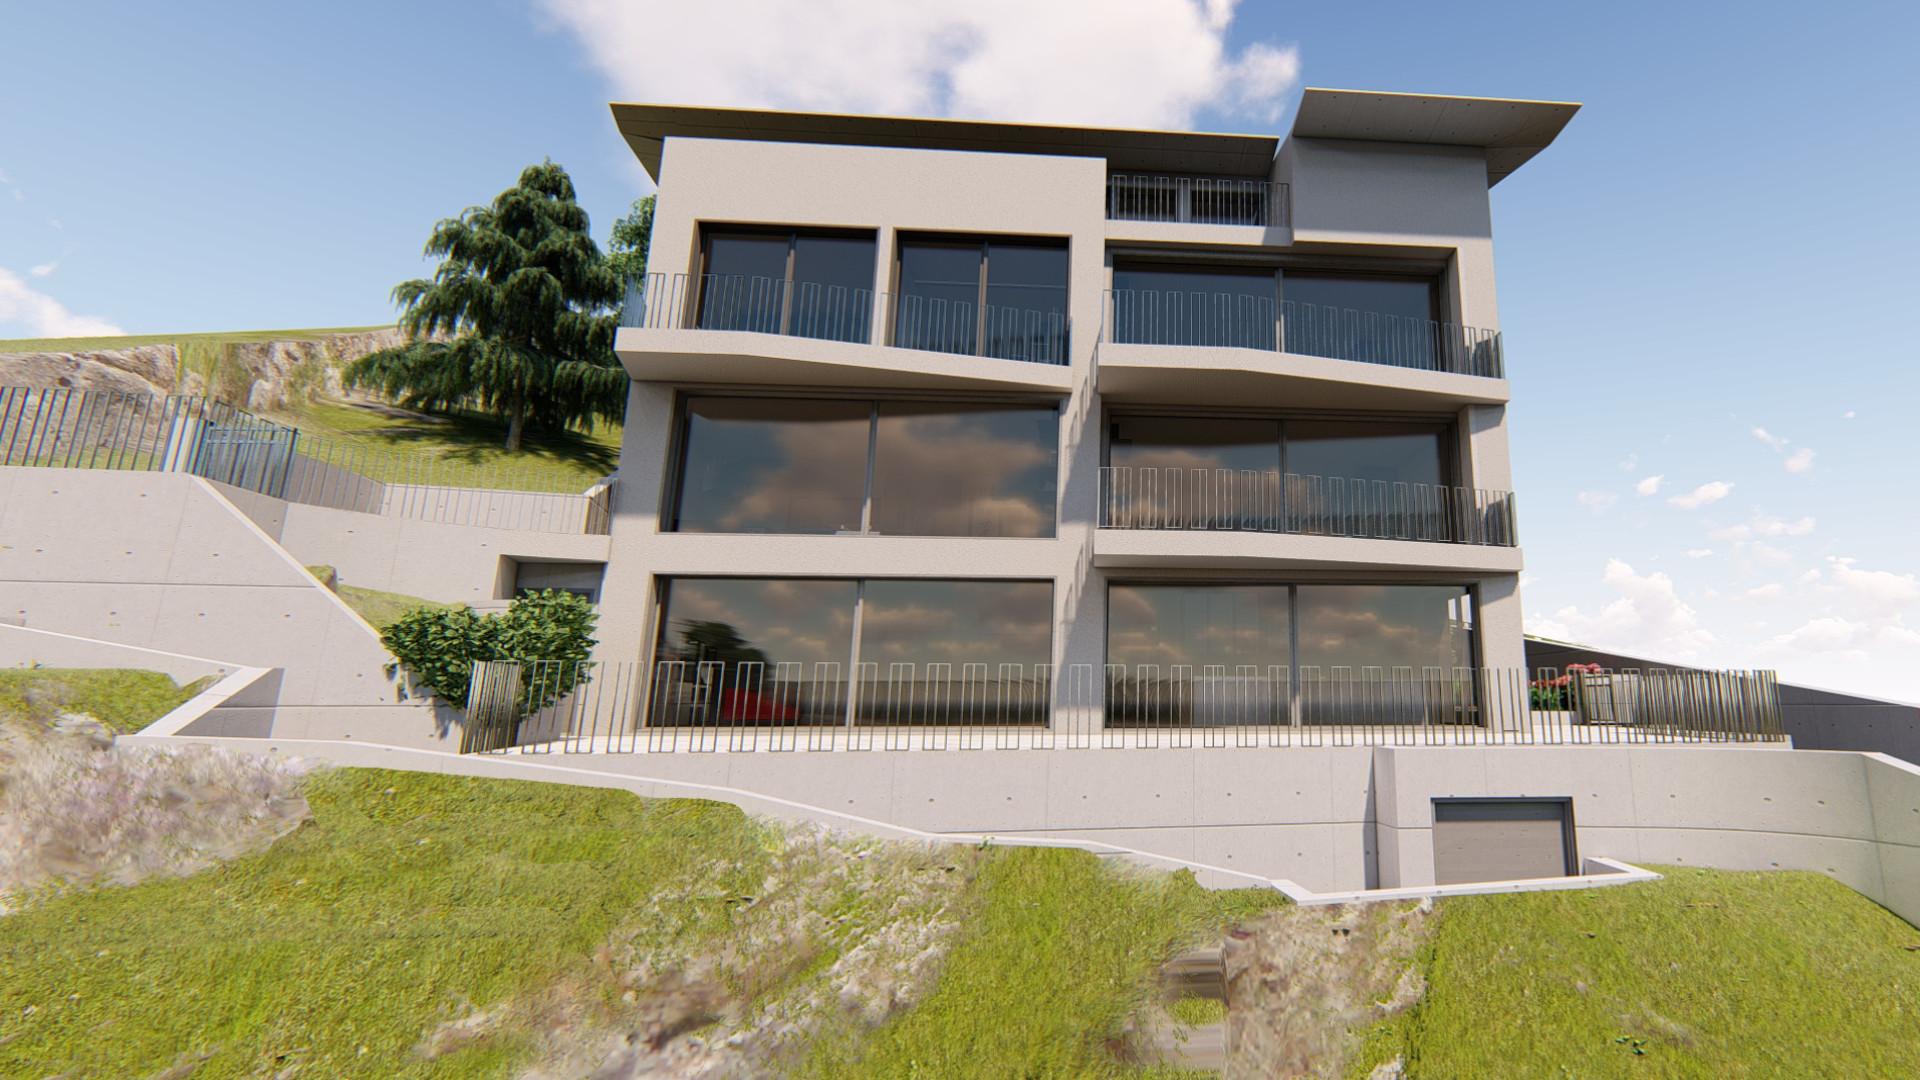 Nuove Costruzioni Olgiate Comasco epta studio tecnico - olgiate comasco